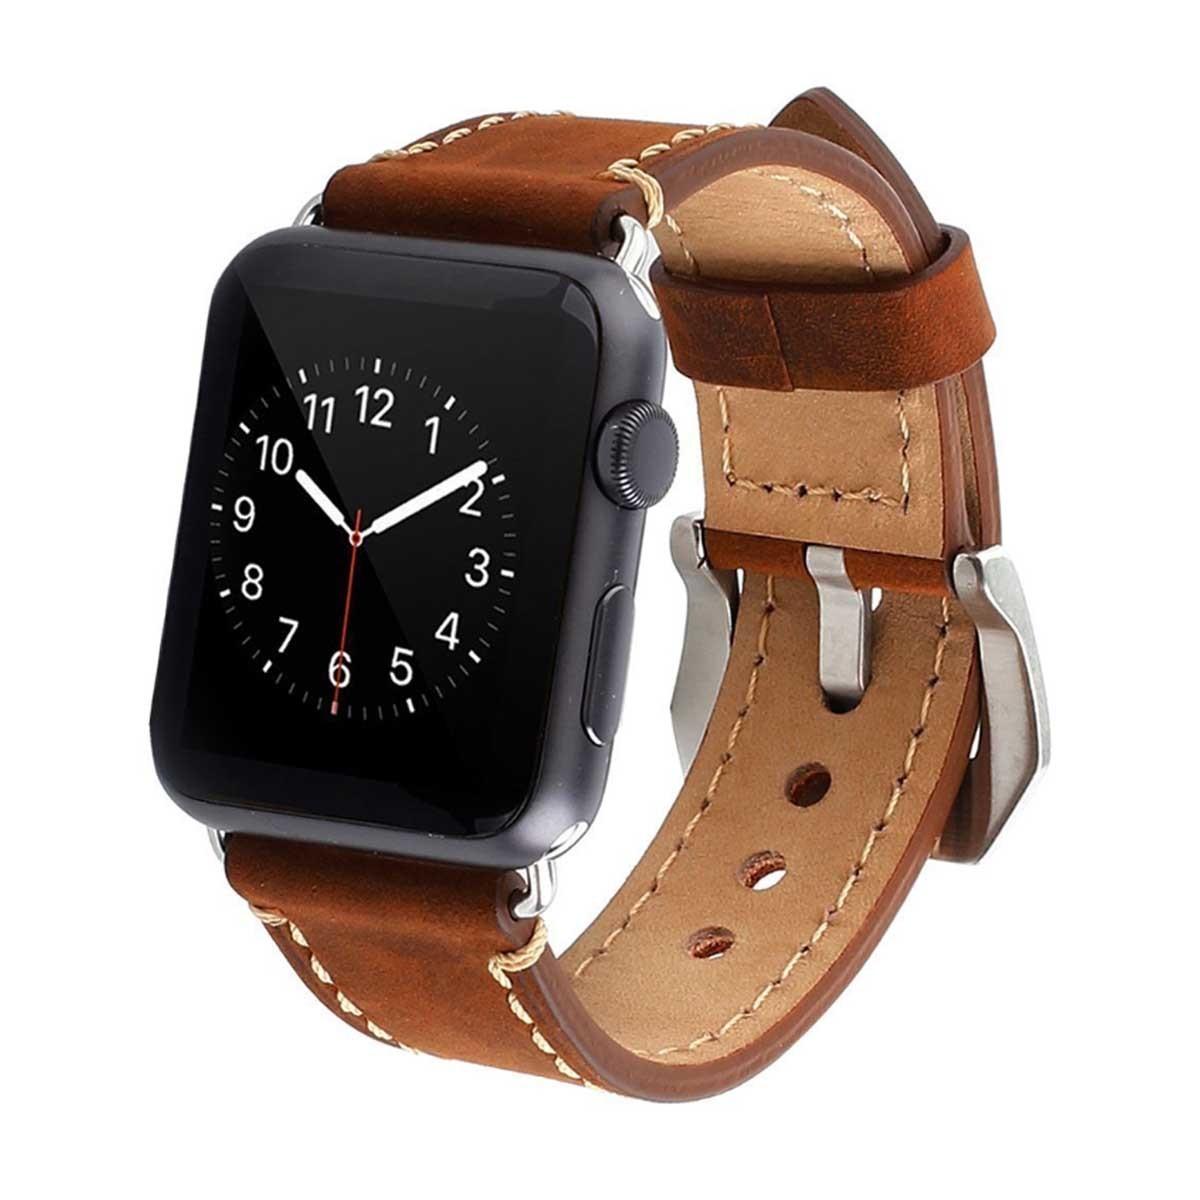 Apple Watch Strap 38MM BROWN